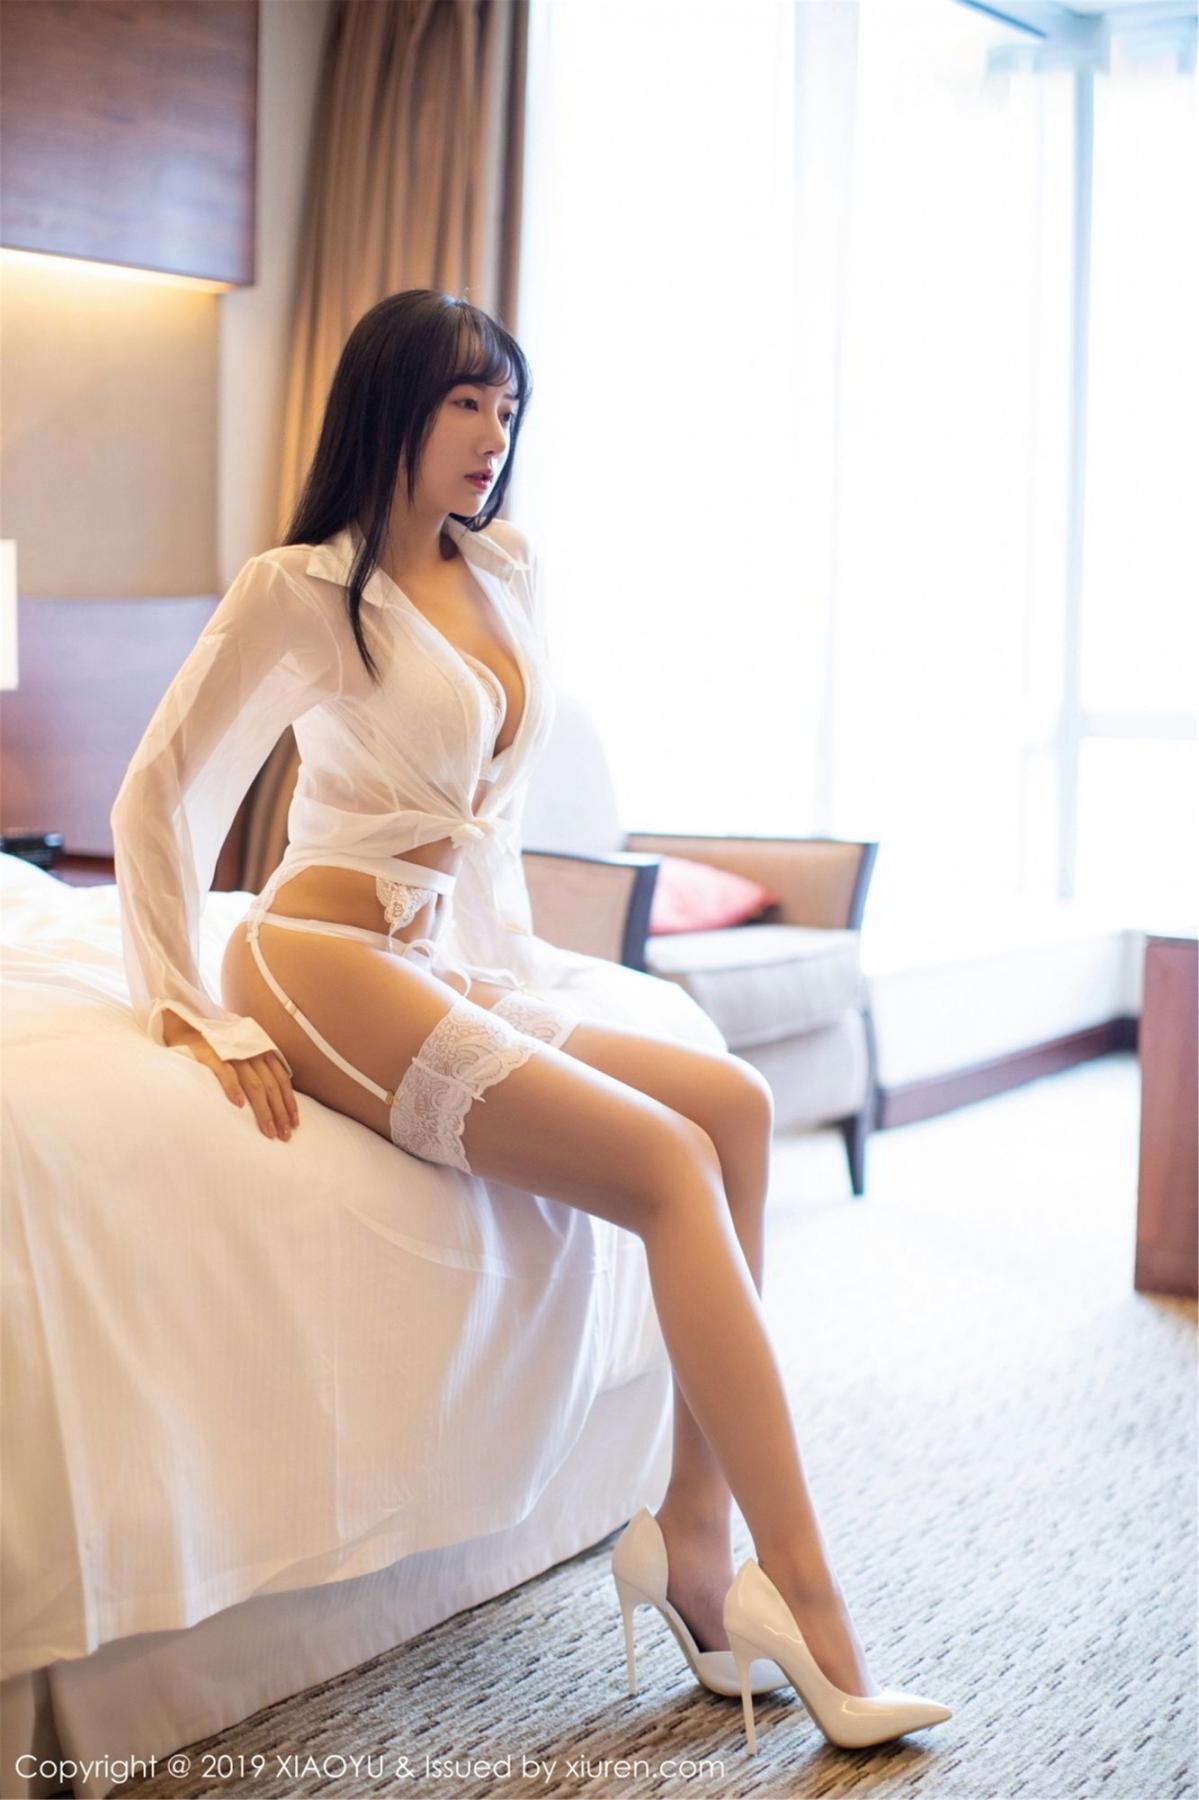 [XiaoYu] Vol.076 He Jia Ying 1P, He Jia Ying, Underwear, XiaoYu